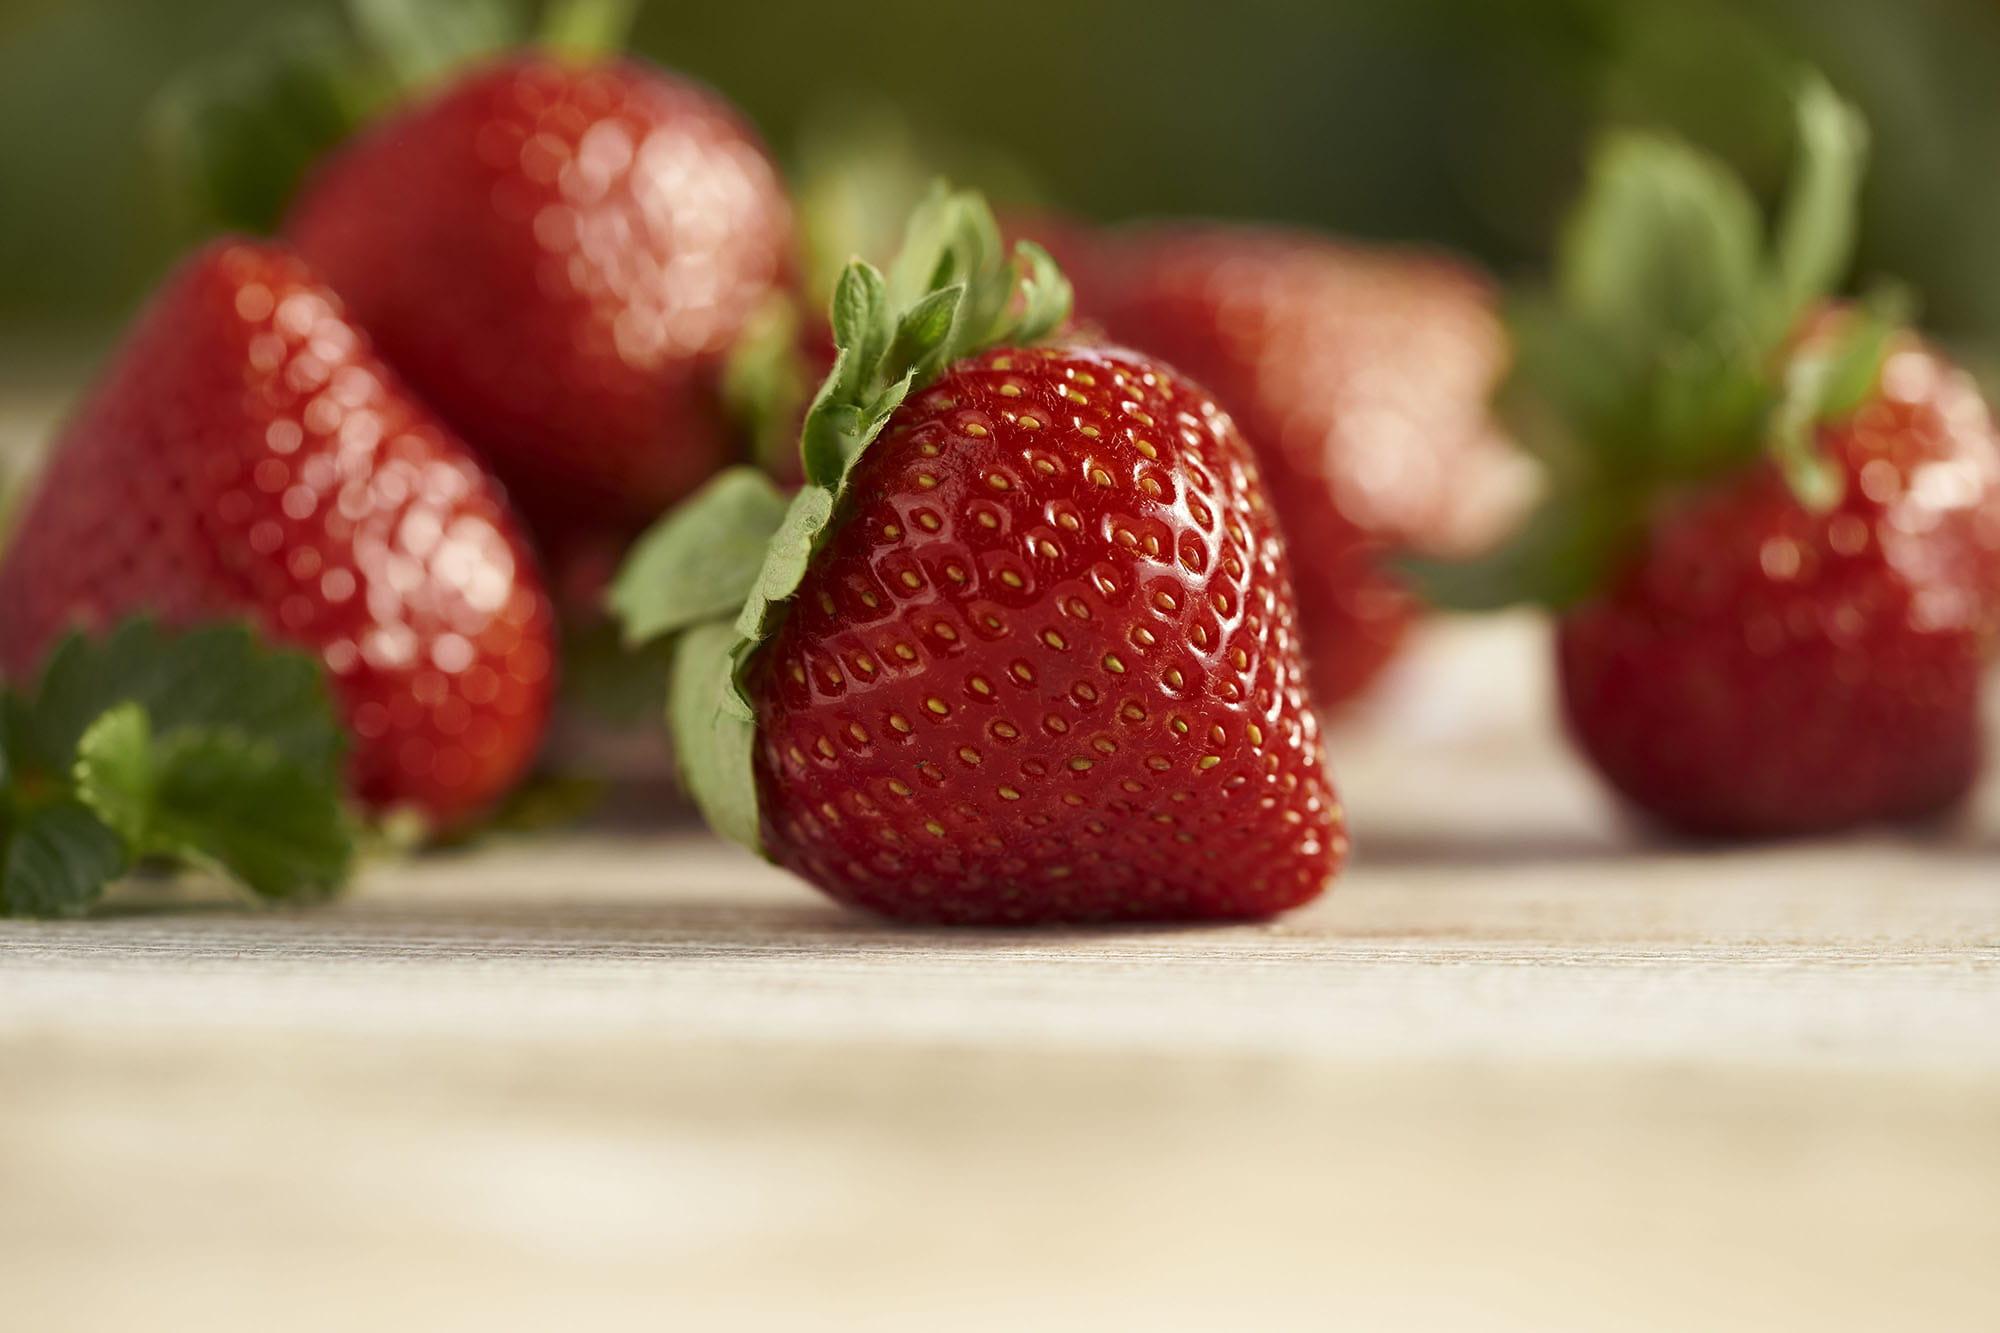 Strawberries Amp Organic Strawberries Driscoll S